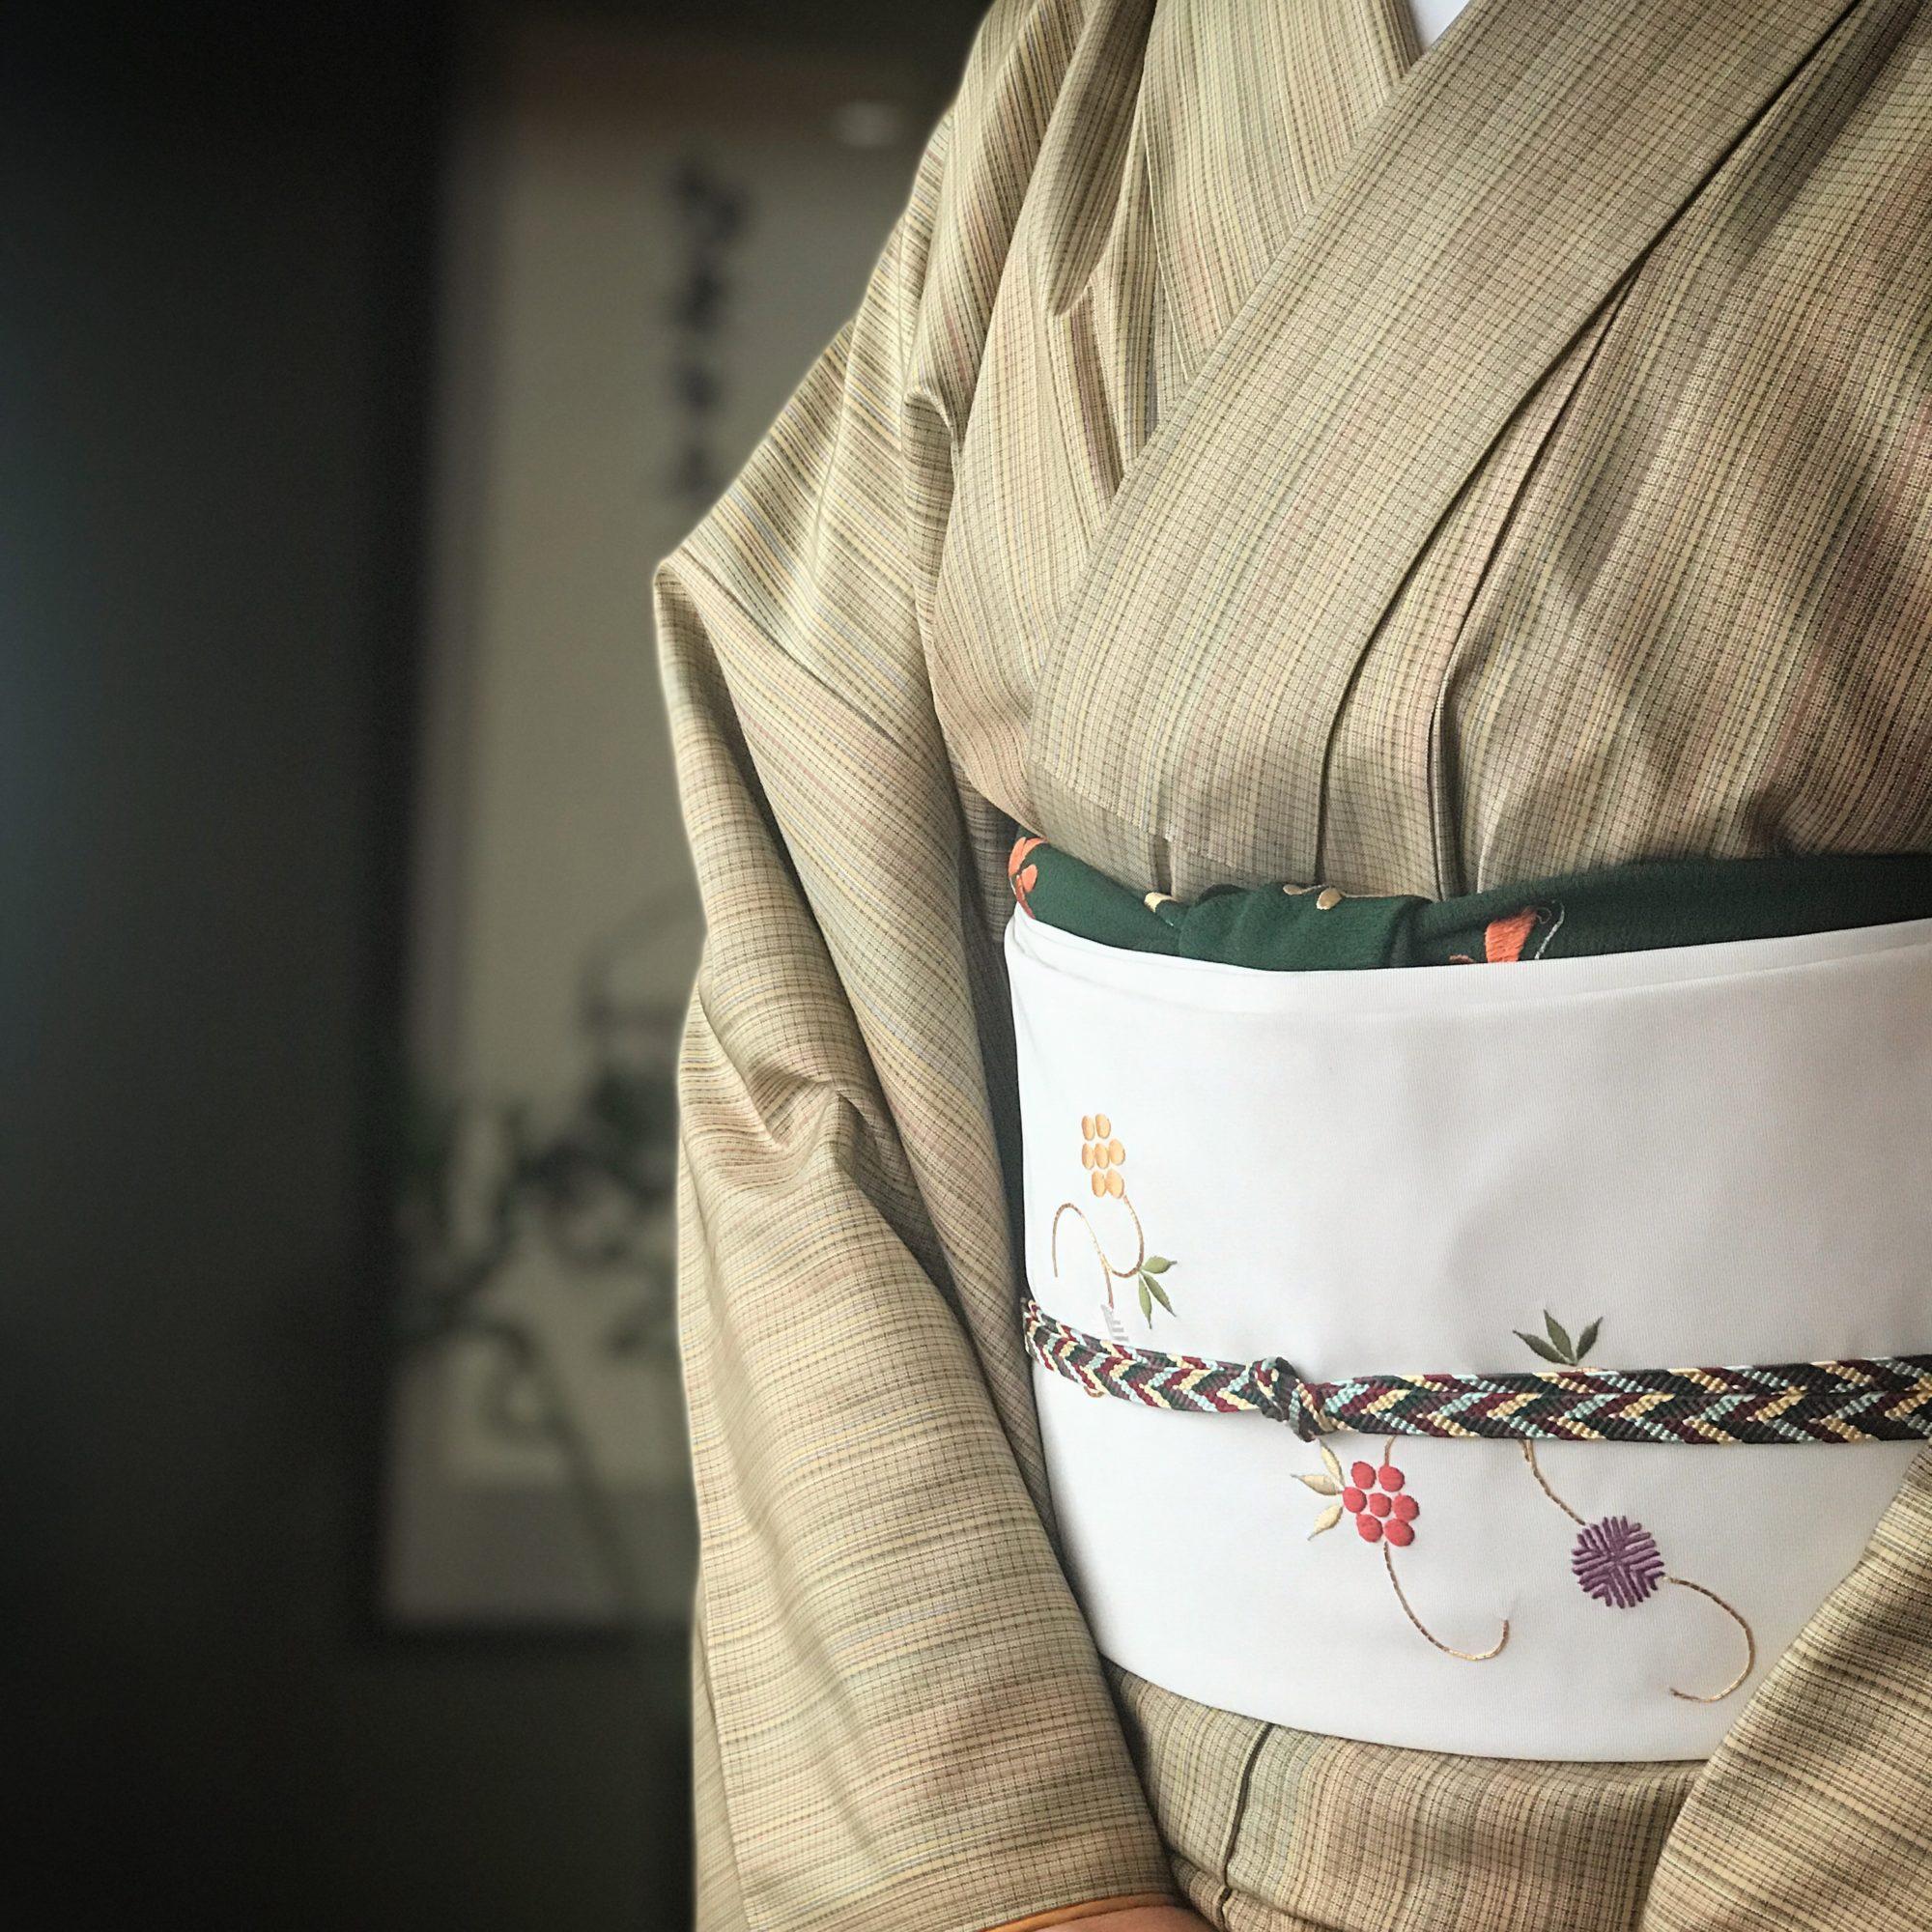 """着物コーディネート""""簡単に秋コーデ""""は帯揚げ&帯締めをシックな色に"""